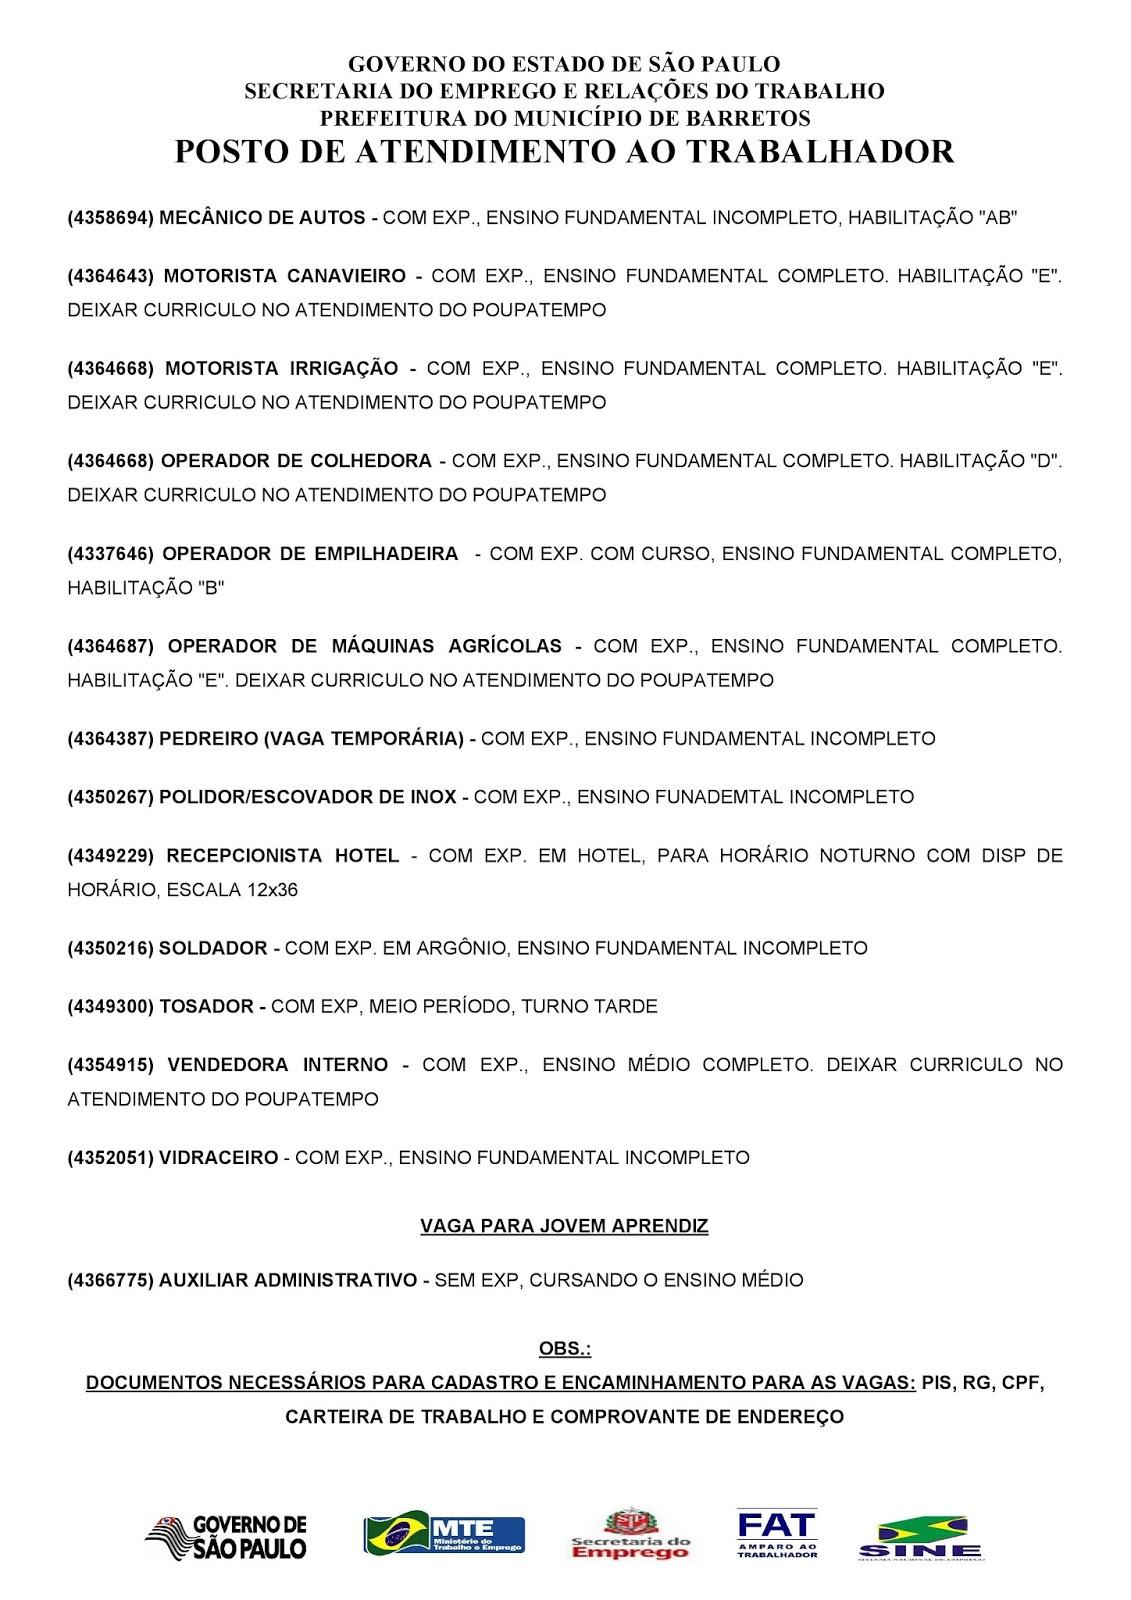 VAGAS DE EMPREGO DO PAT BARRETOS-SP PARA 17/01/2018 QUARTA-FEIRA - PAG. 2